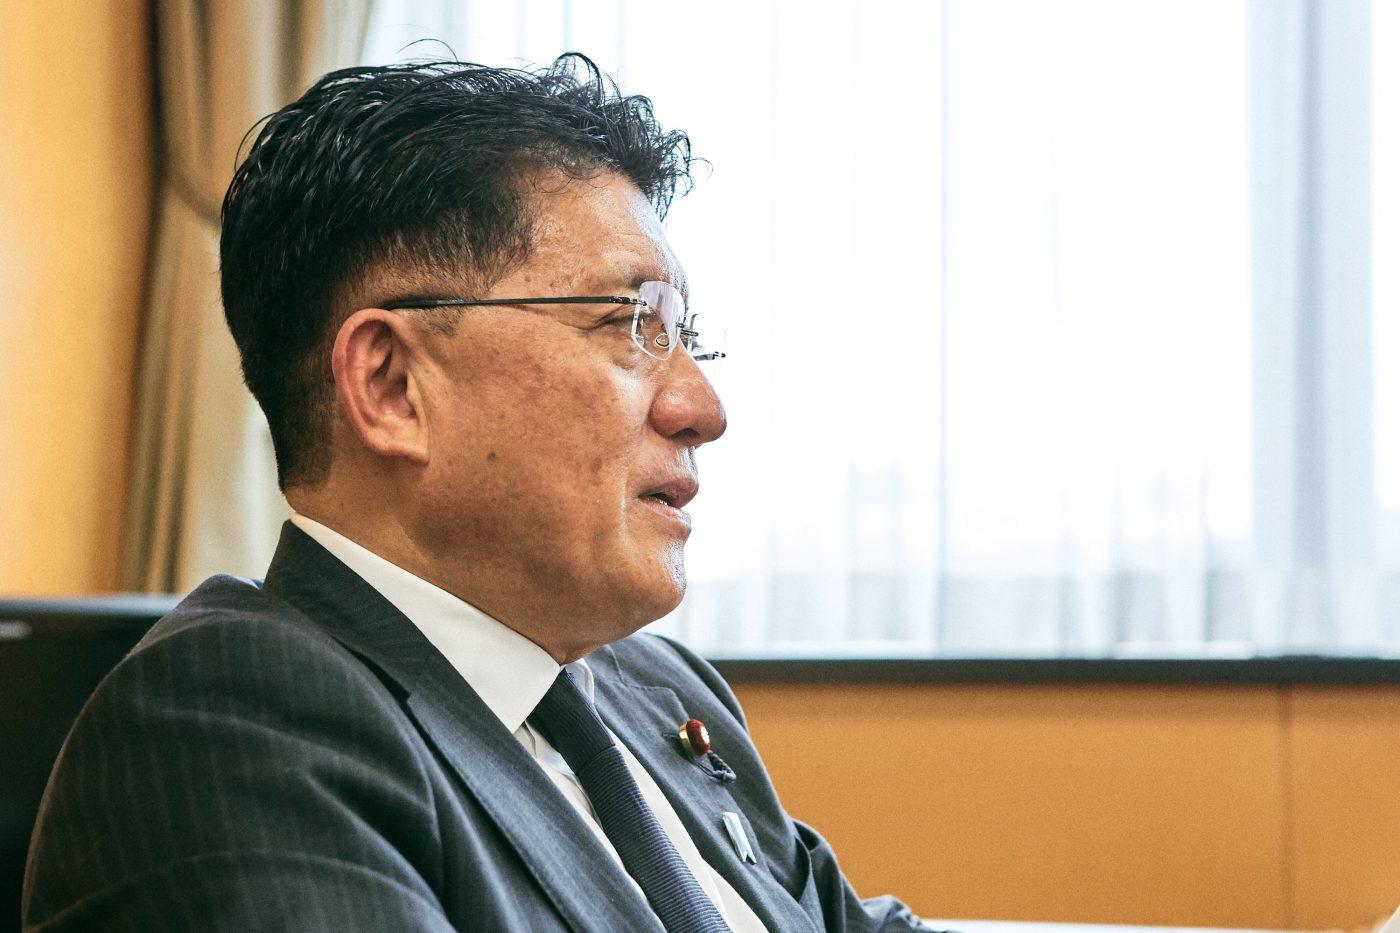 挑戦するためのチャンスを作っていきたいという平井氏に対して、チャンスを作るために必要なことは何なのか聞いてみた。返ってきたのは「本気で応援する」というシンプルな答えだった。